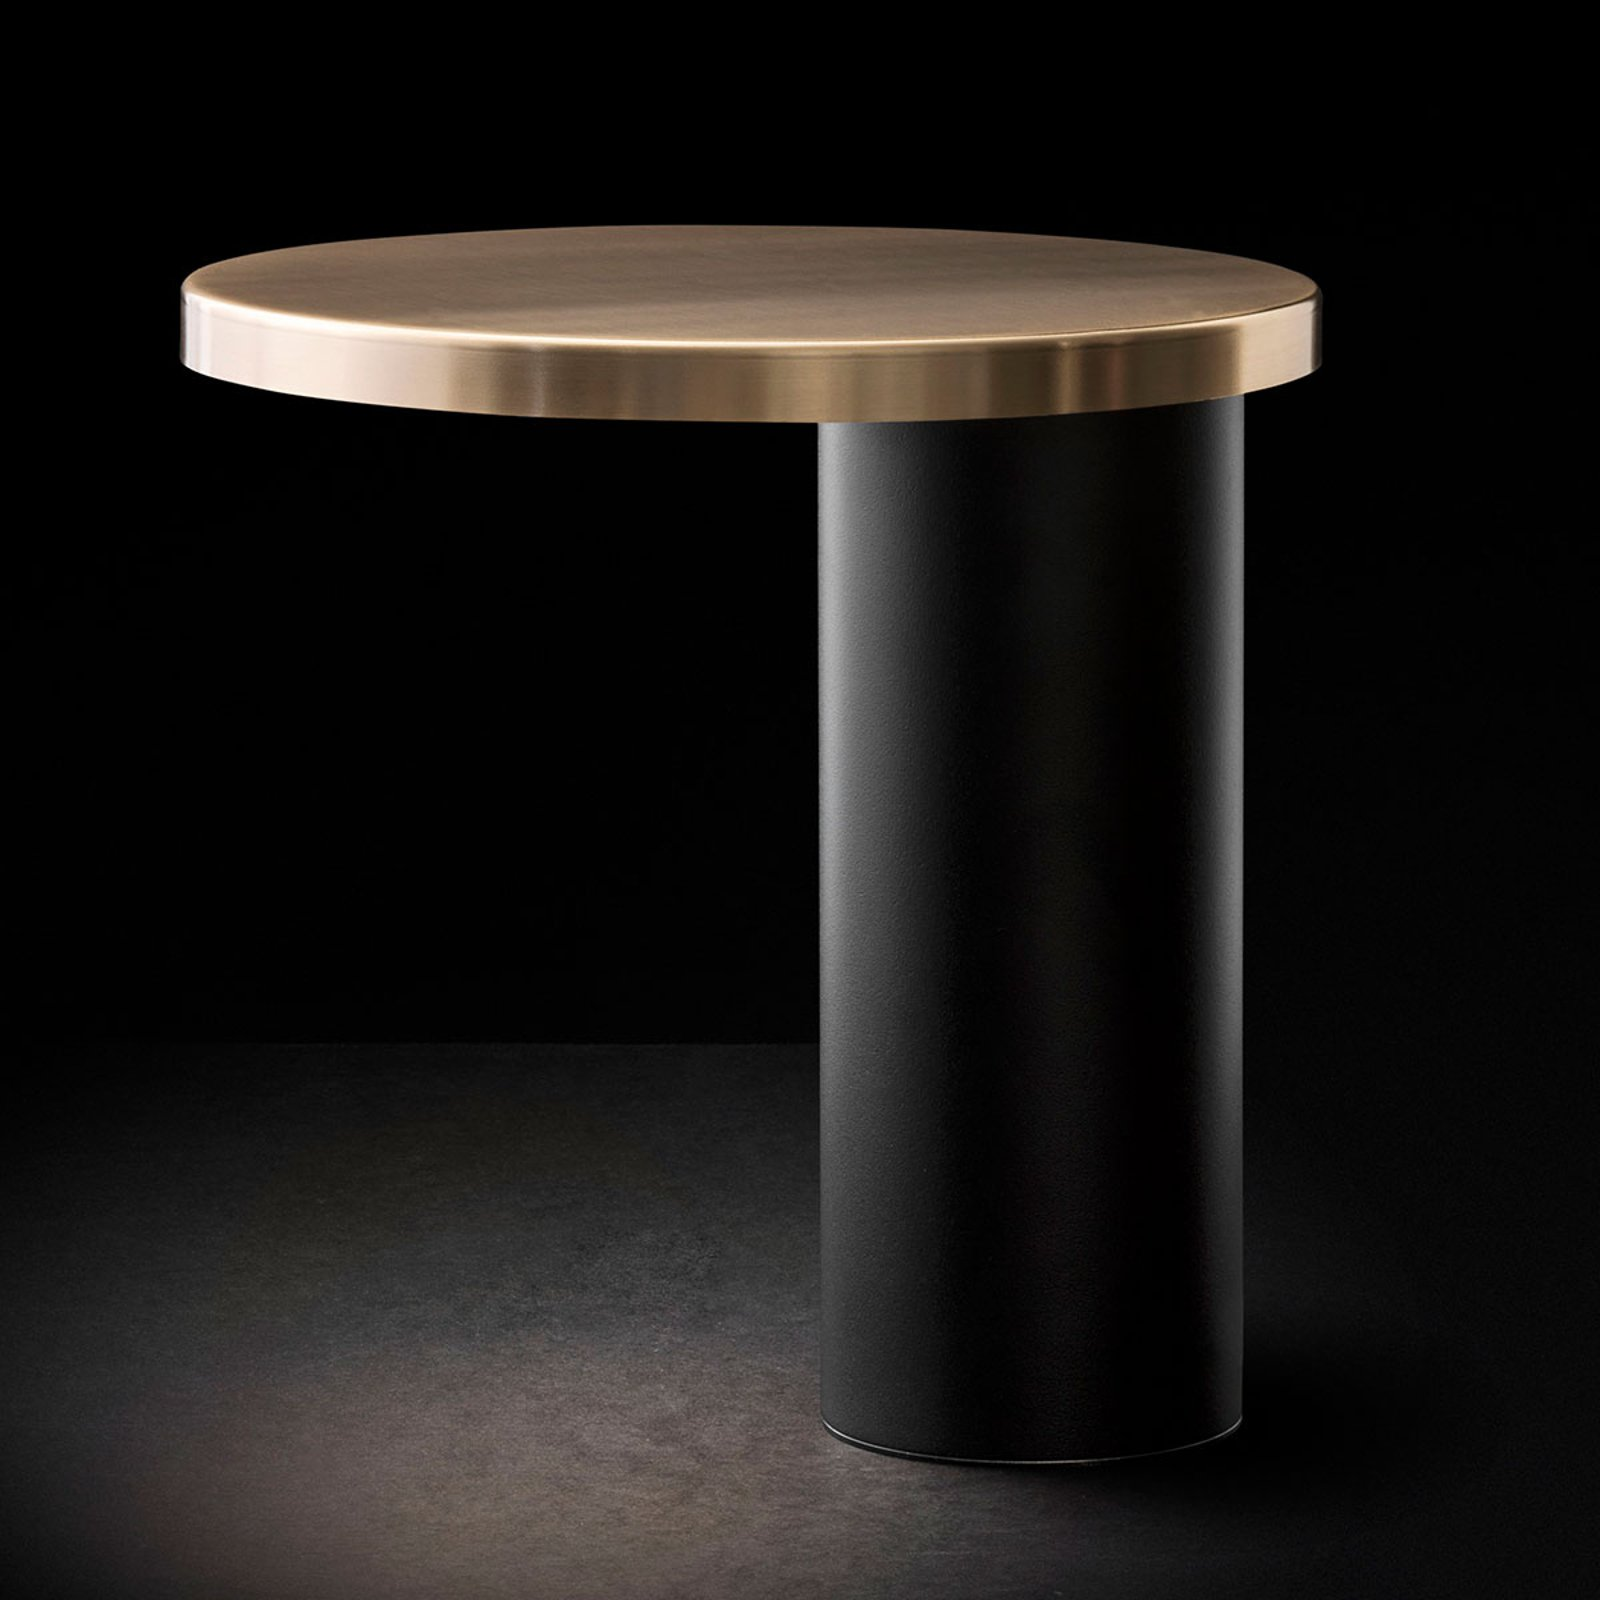 Oluce Cylinda LED-bordlampe, svart-gull